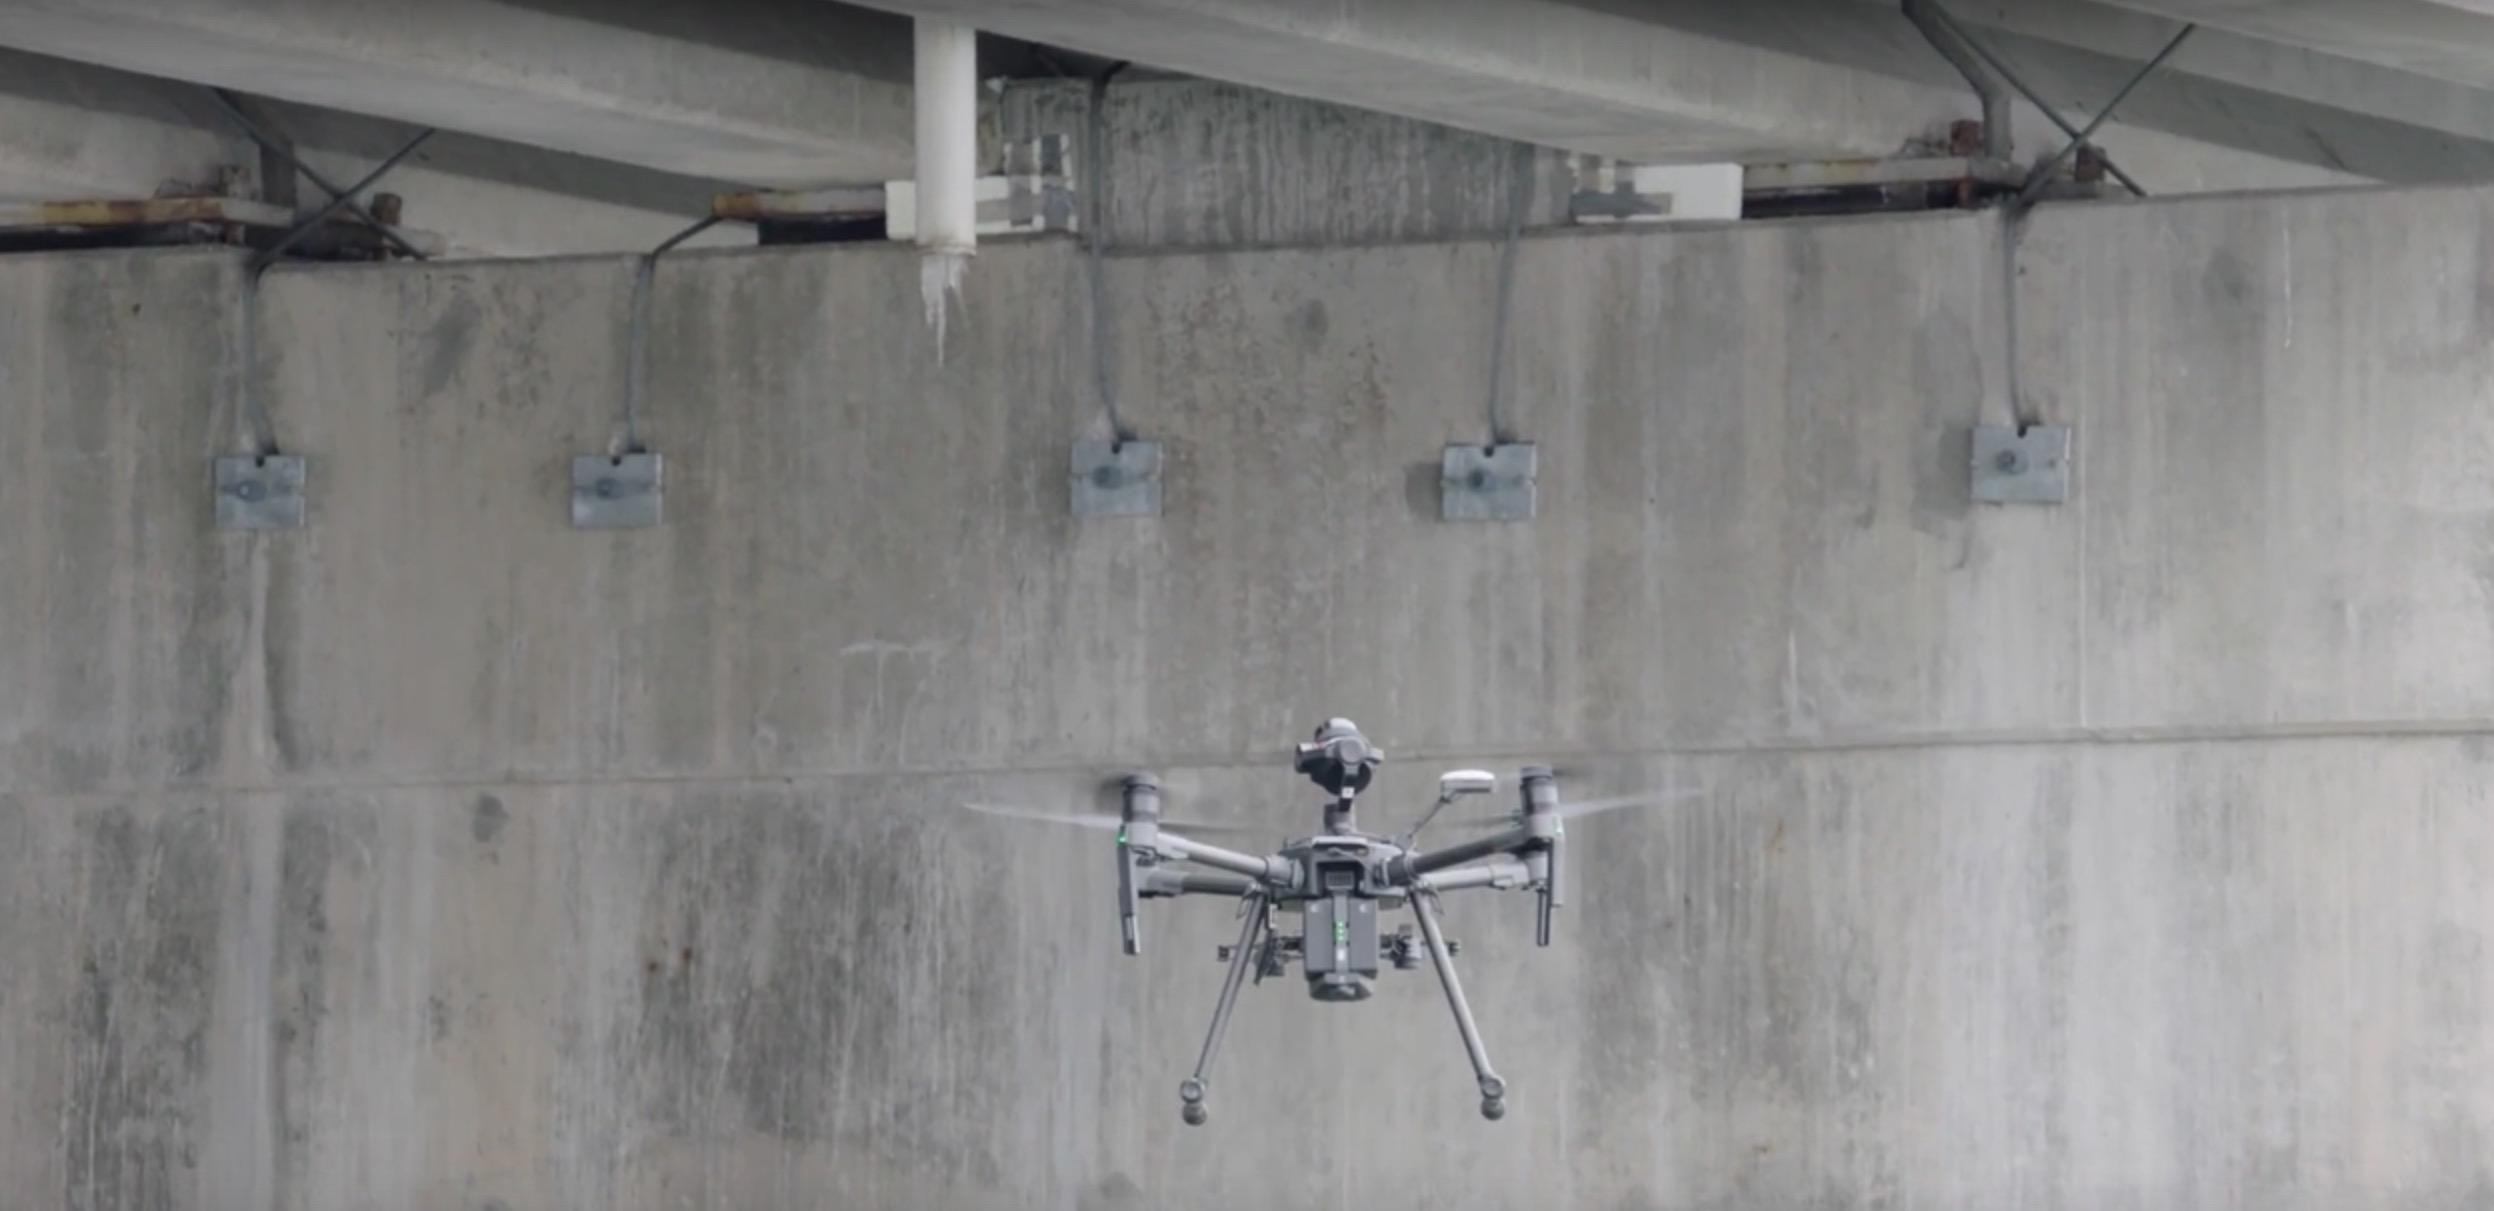 ispezione ponti e viadotti con droni